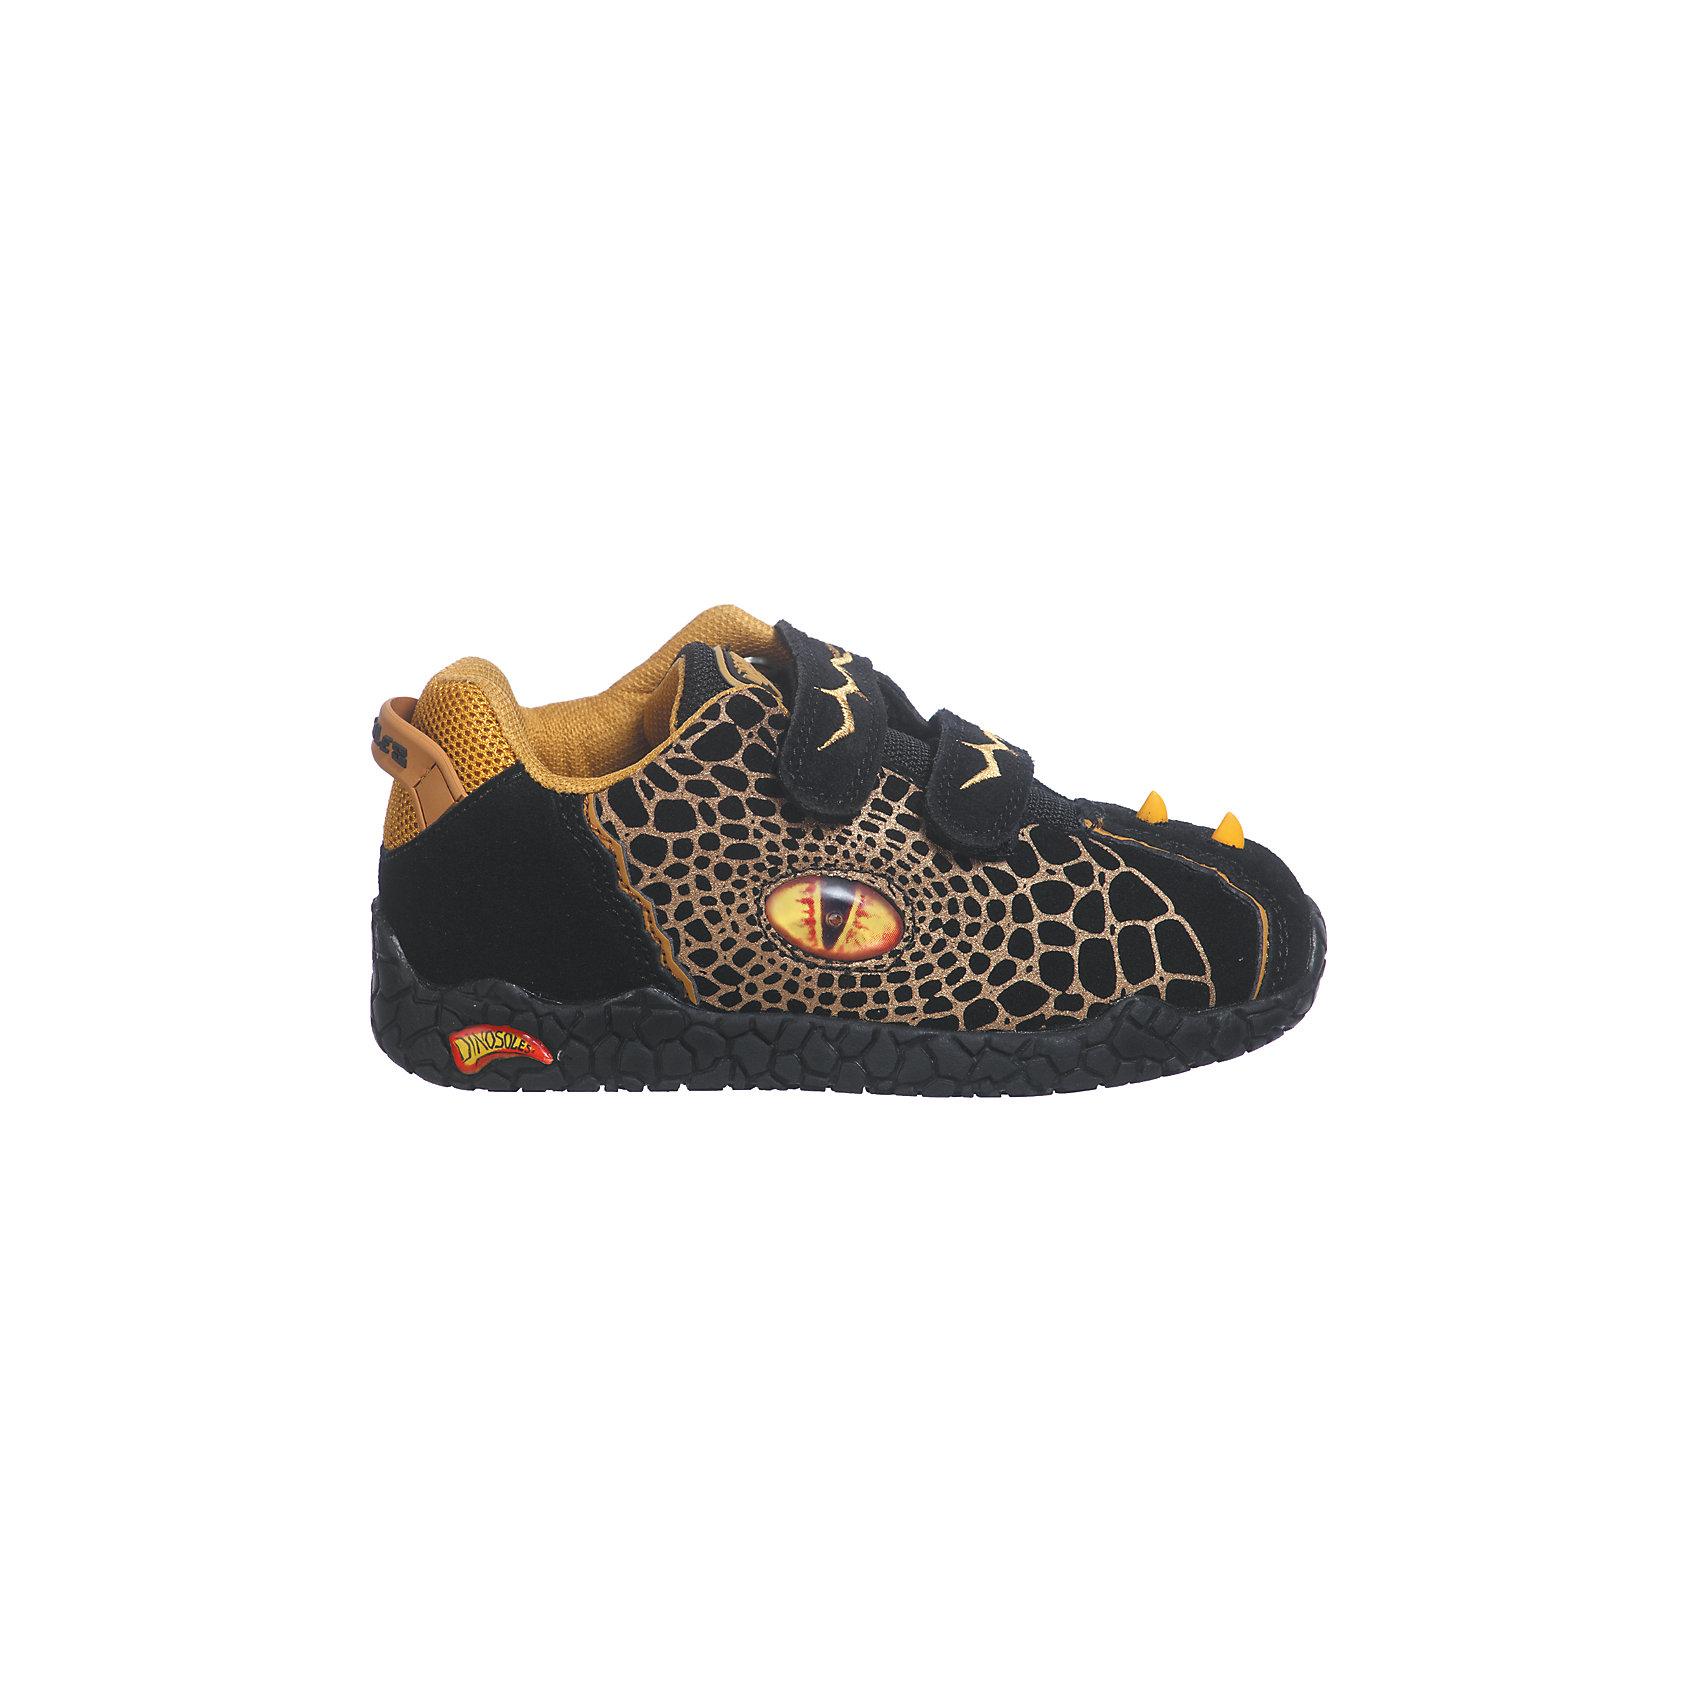 Ботинки для мальчика DinosolesБотинки<br>Ботинки для мальчика Dinosoles<br><br>Состав верх: нат. кожа/замша, подклад: текстиль, подошва: резина<br><br> Dinosoles - единственная в мире детcкая обувь с трехмерным изображением динозавров. Натуральные материалы, отобранные коллекции, 3D дизайн, горящие глаза, фирменная подошва, оставляющая след динозавра, приводят всех в восторг! Dinosoles - Динозавры возвращаются. The USA.<br><br>Cтрана бренда: США <br>Размер обуви производителя  US : US 10<br>Длина по стельке в мм: 175<br><br>Ширина мм: 262<br>Глубина мм: 176<br>Высота мм: 97<br>Вес г: 427<br>Цвет: черный<br>Возраст от месяцев: 108<br>Возраст до месяцев: 120<br>Пол: Мужской<br>Возраст: Детский<br>Размер: 33,27,28,29,30,31,32<br>SKU: 7030303